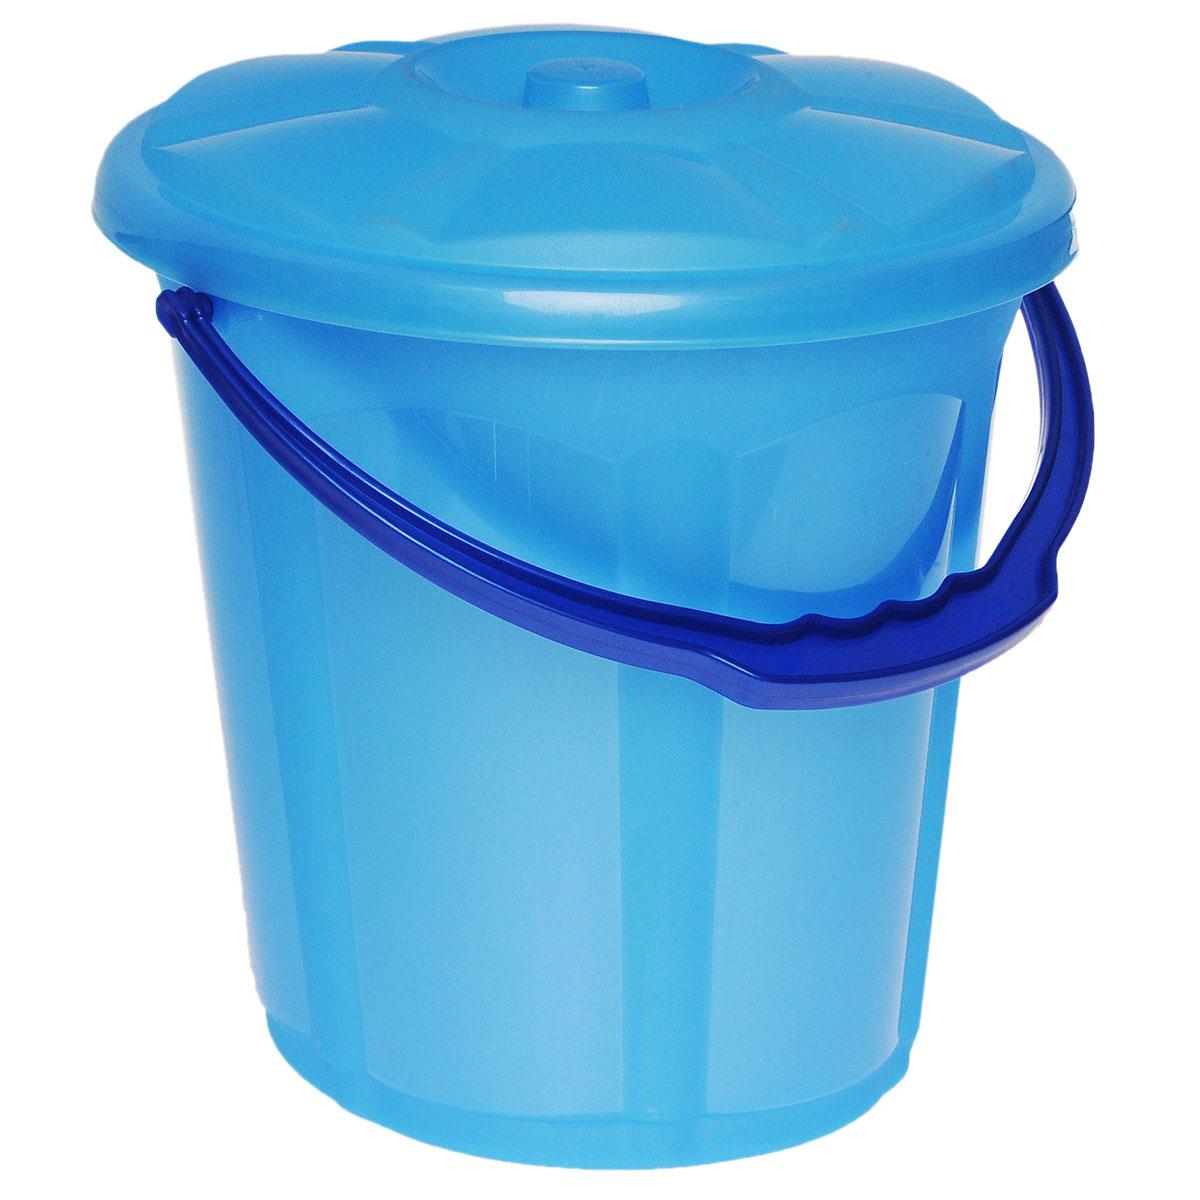 Ведро Dunya Plastik Стиль, с крышкой, цвет: голубой, синий, 7 л09102Ведро Dunya Plastik Стиль изготовлено из прочного пластика. Изделие оснащено плотно закрывающейся крышкой и удобной ручкой. Такое ведро прекрасно подойдет для различных хозяйственных нужд: для уборки или хранения мусора. Диаметр ведра (по верхнему краю): 24 см. Высота (без учета крышки): 24 см.